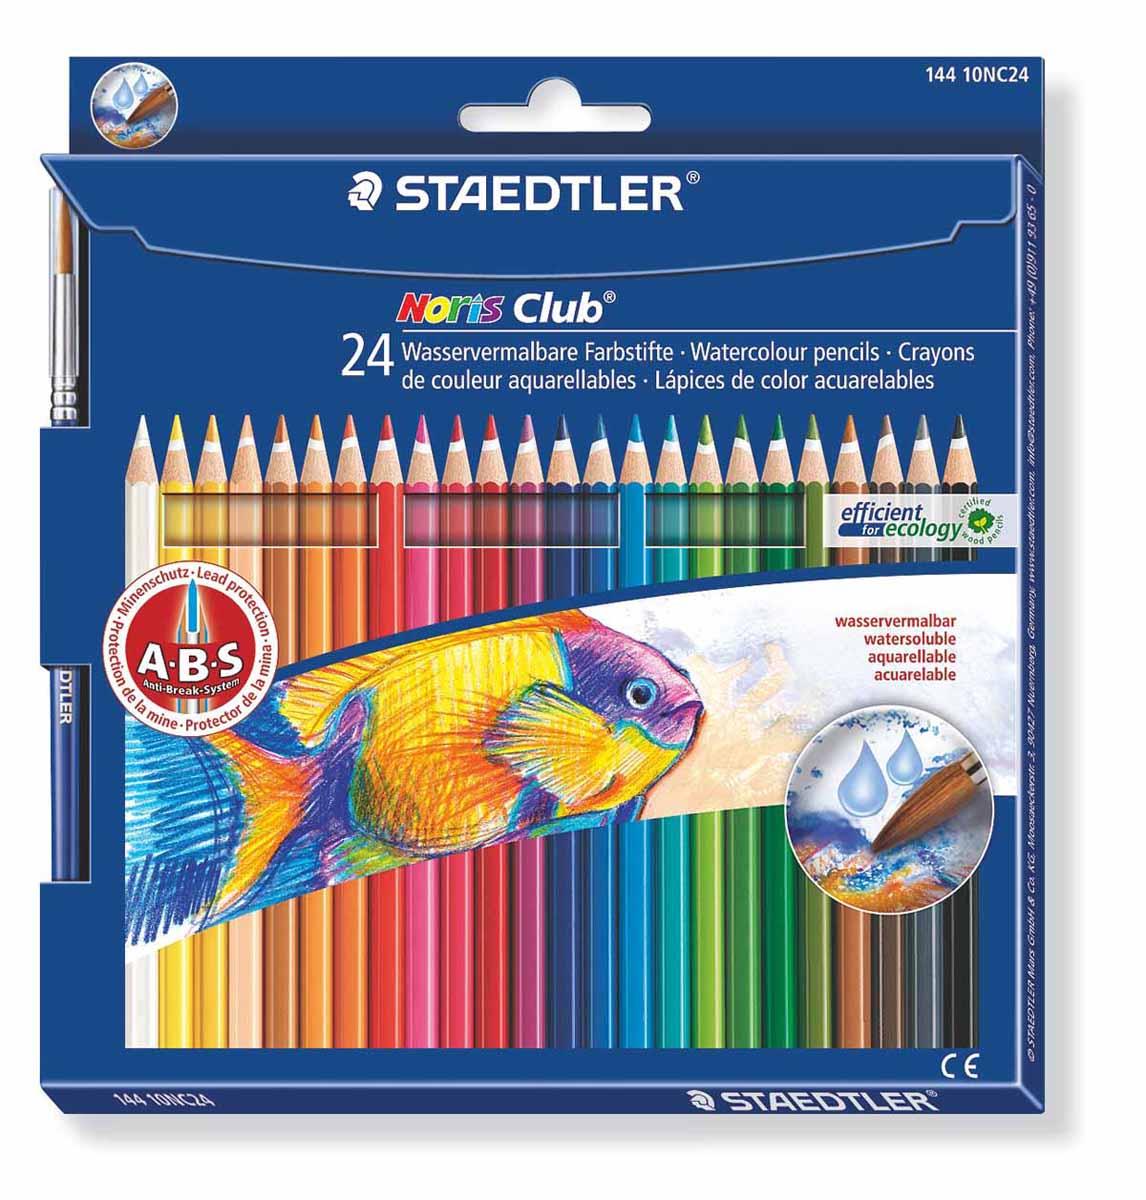 Staedtler Набор акварельных карандашей Noris Club с кисточкой 24 цвета14410NC24Набор цветных карандашей шестигранной формы с акварельным грифелем Noris Club 24 шт + кисть, Staedtler. Содержит 24 цвета в ассортименте. Широкий выбор возможностей для рисования - также водой и кистью.